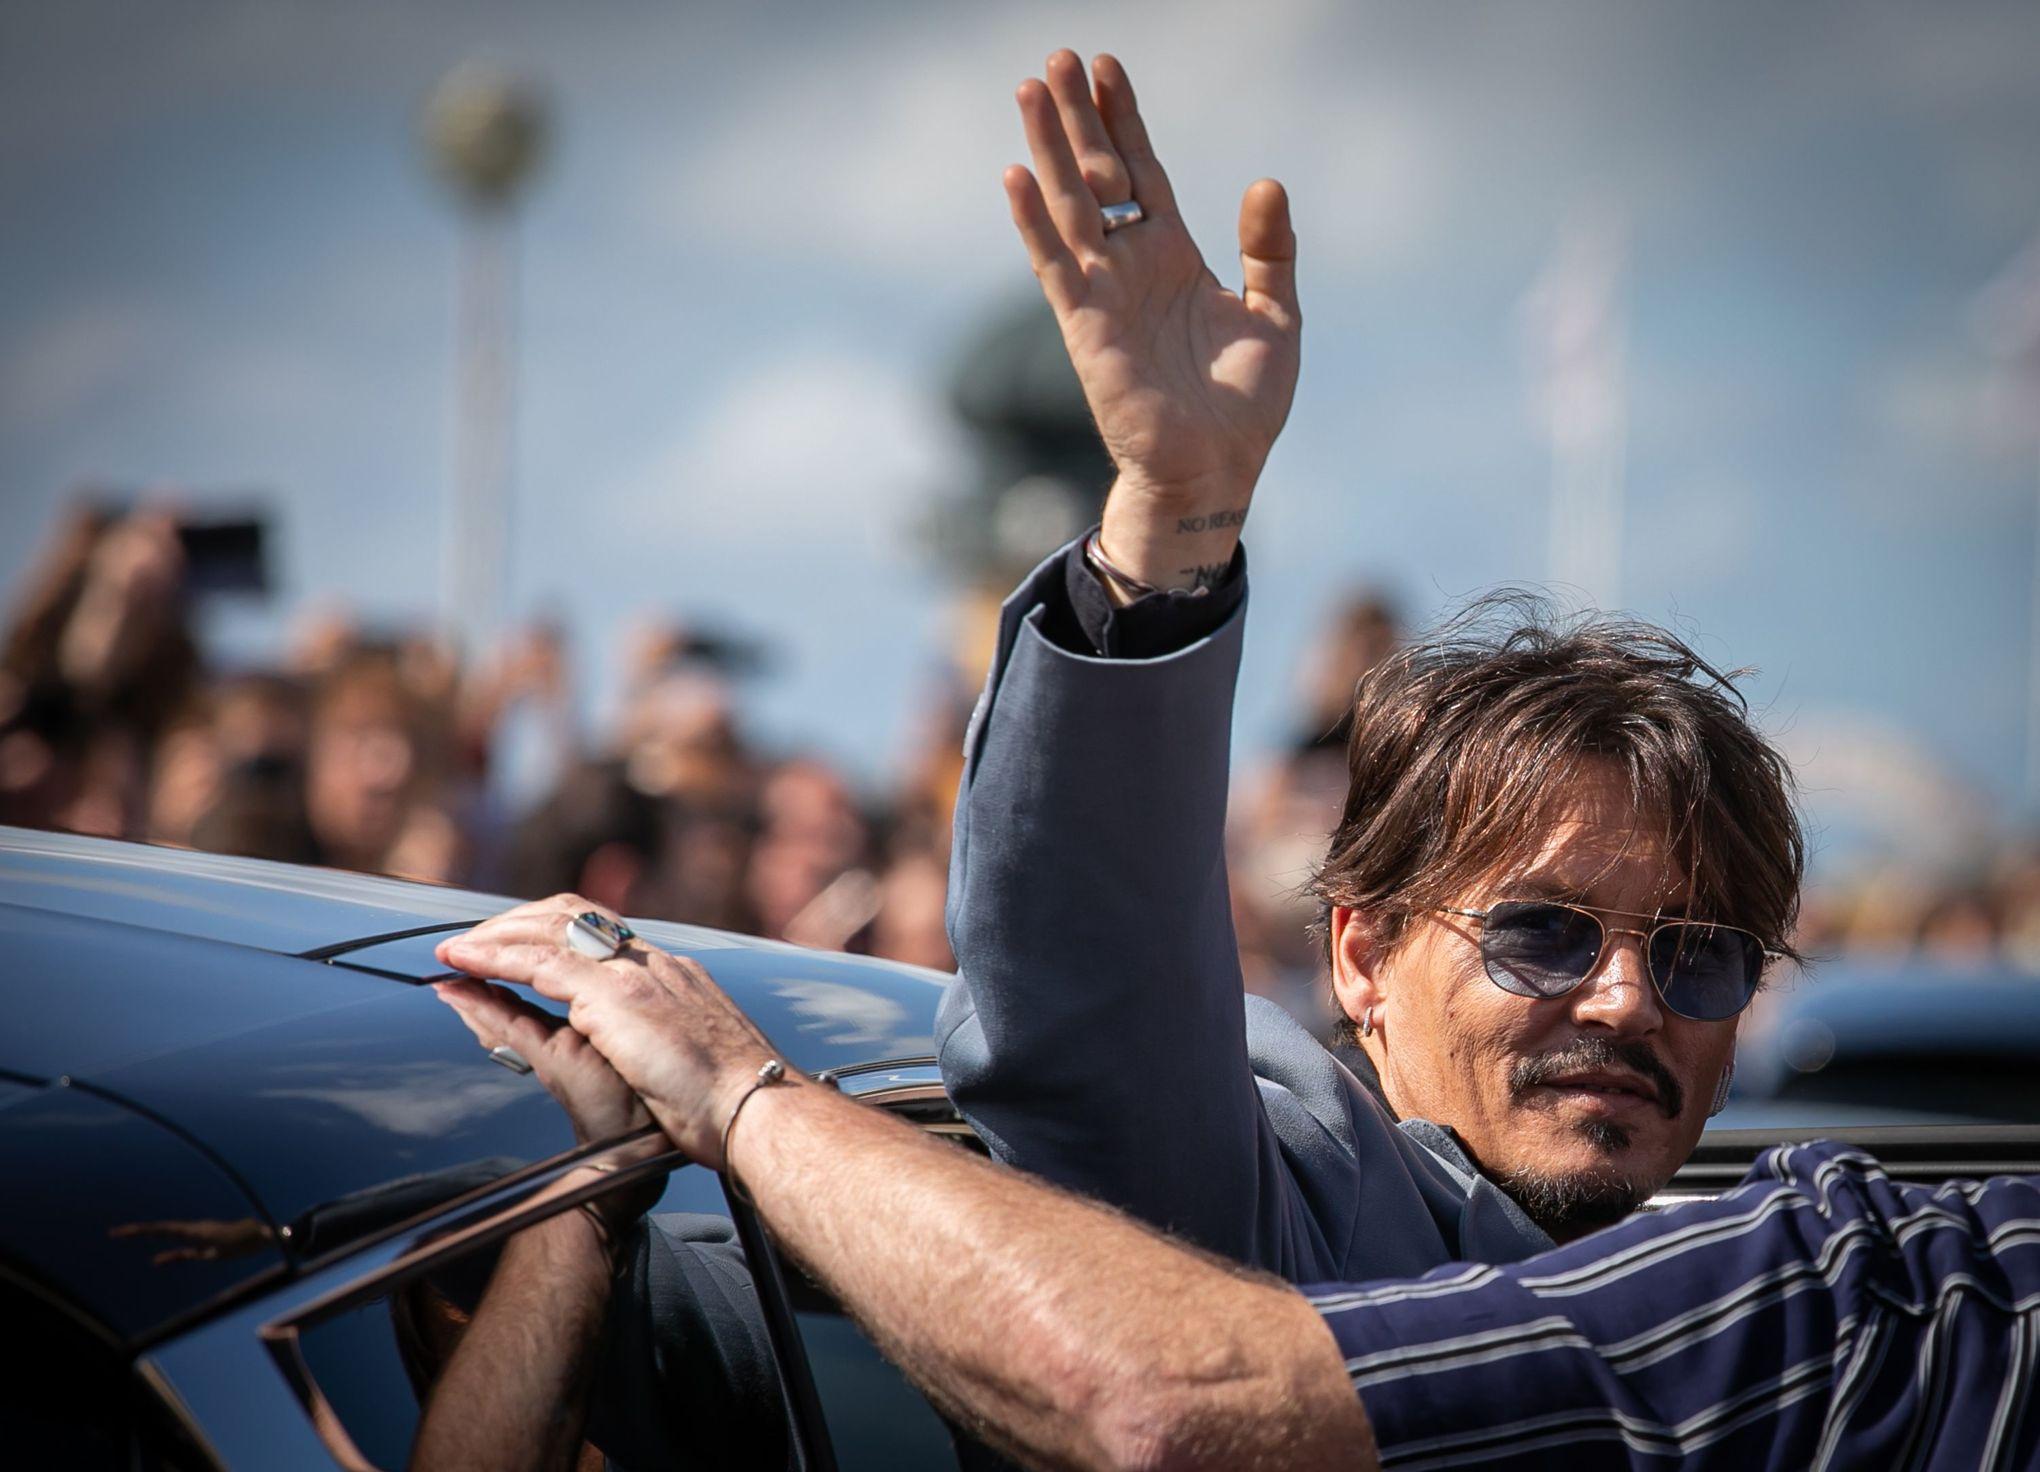 L'ouragan Johnny Depp, le choc Skin, le mystère Swallow... Deauville démarre sur les chapeaux de roues